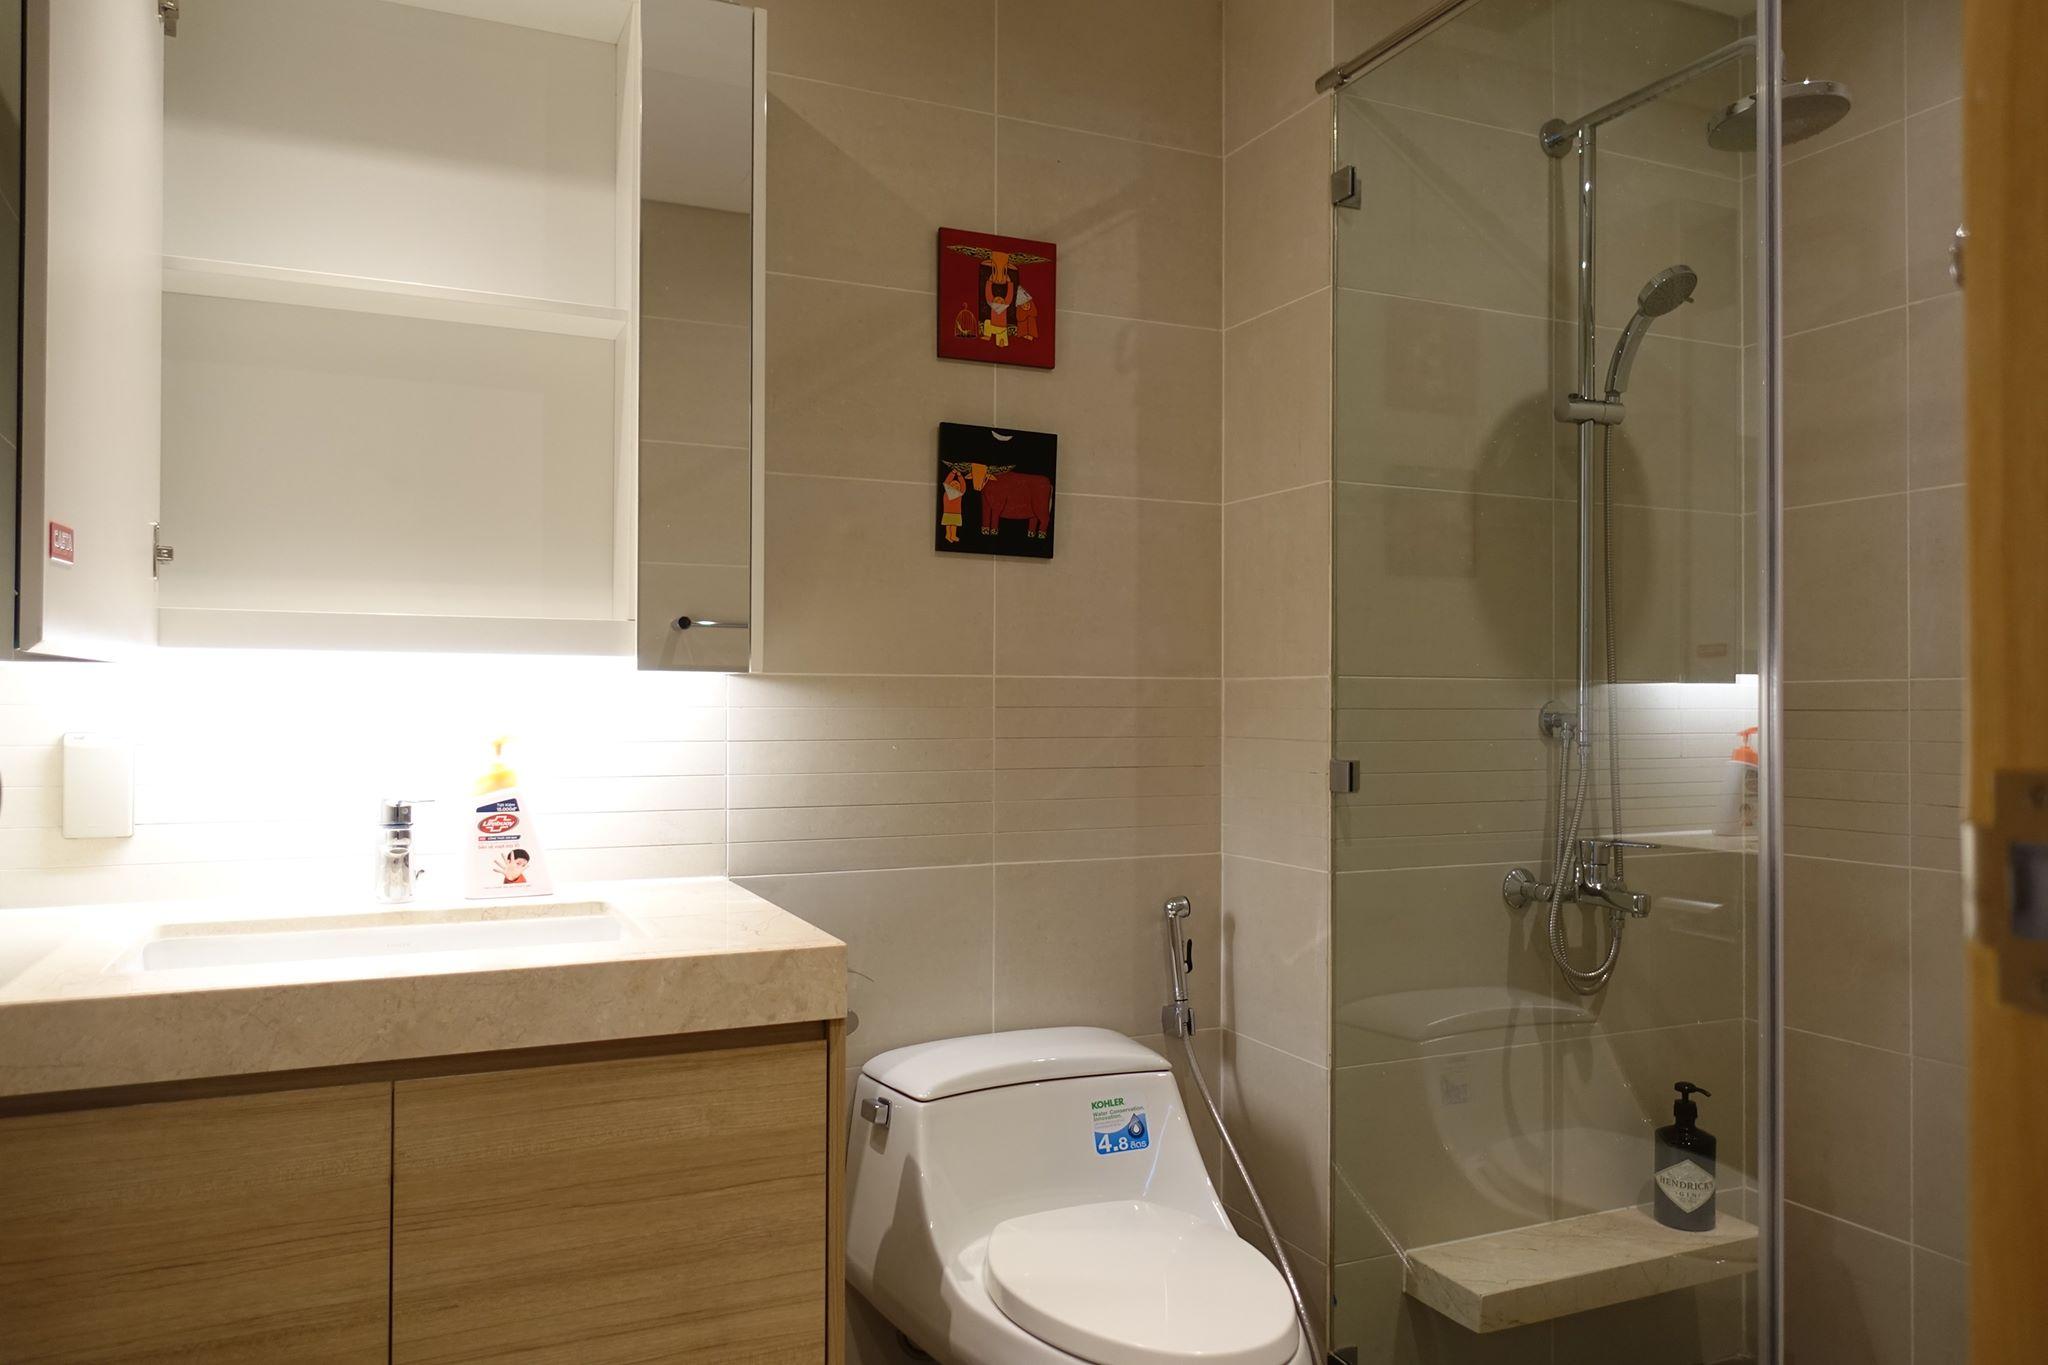 5 Cho thuê căn hộ tại Khu Đô Thị Sala - 82.5,2 - 2 phòng ngủ, 2 WC